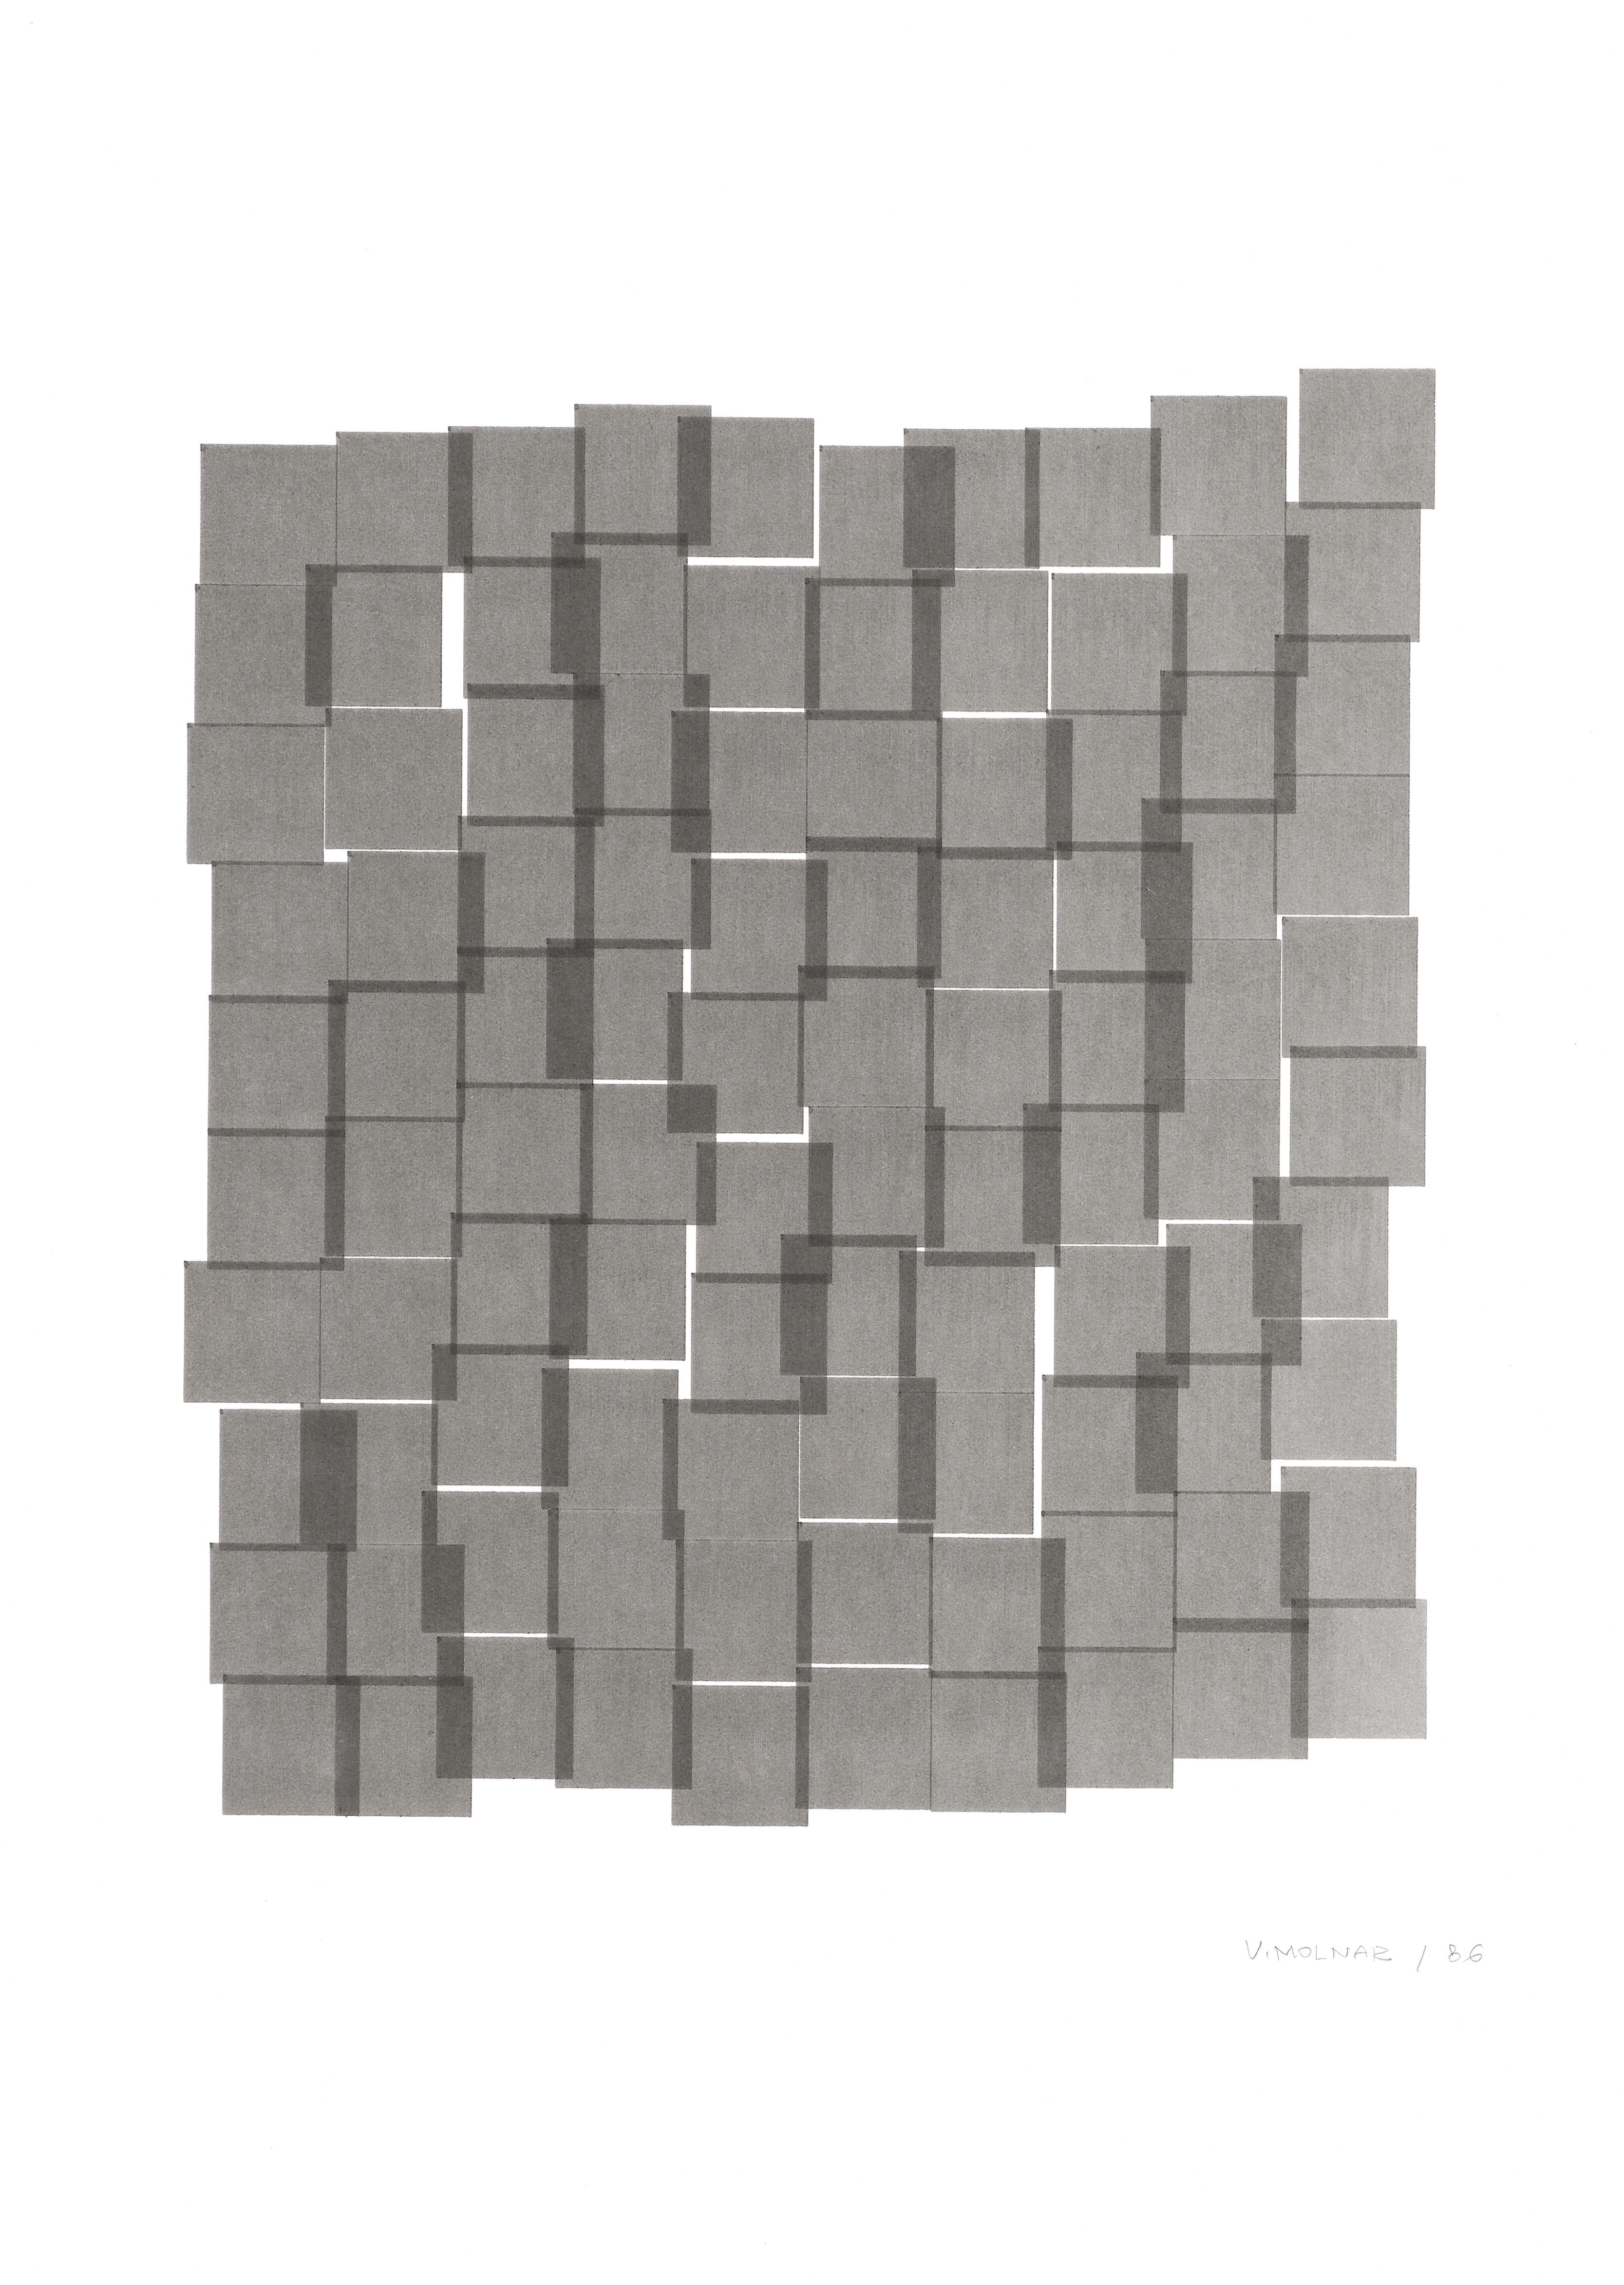 Vera Molnar, Interstices, plotter drawing, 26 x 22 cm, 1986